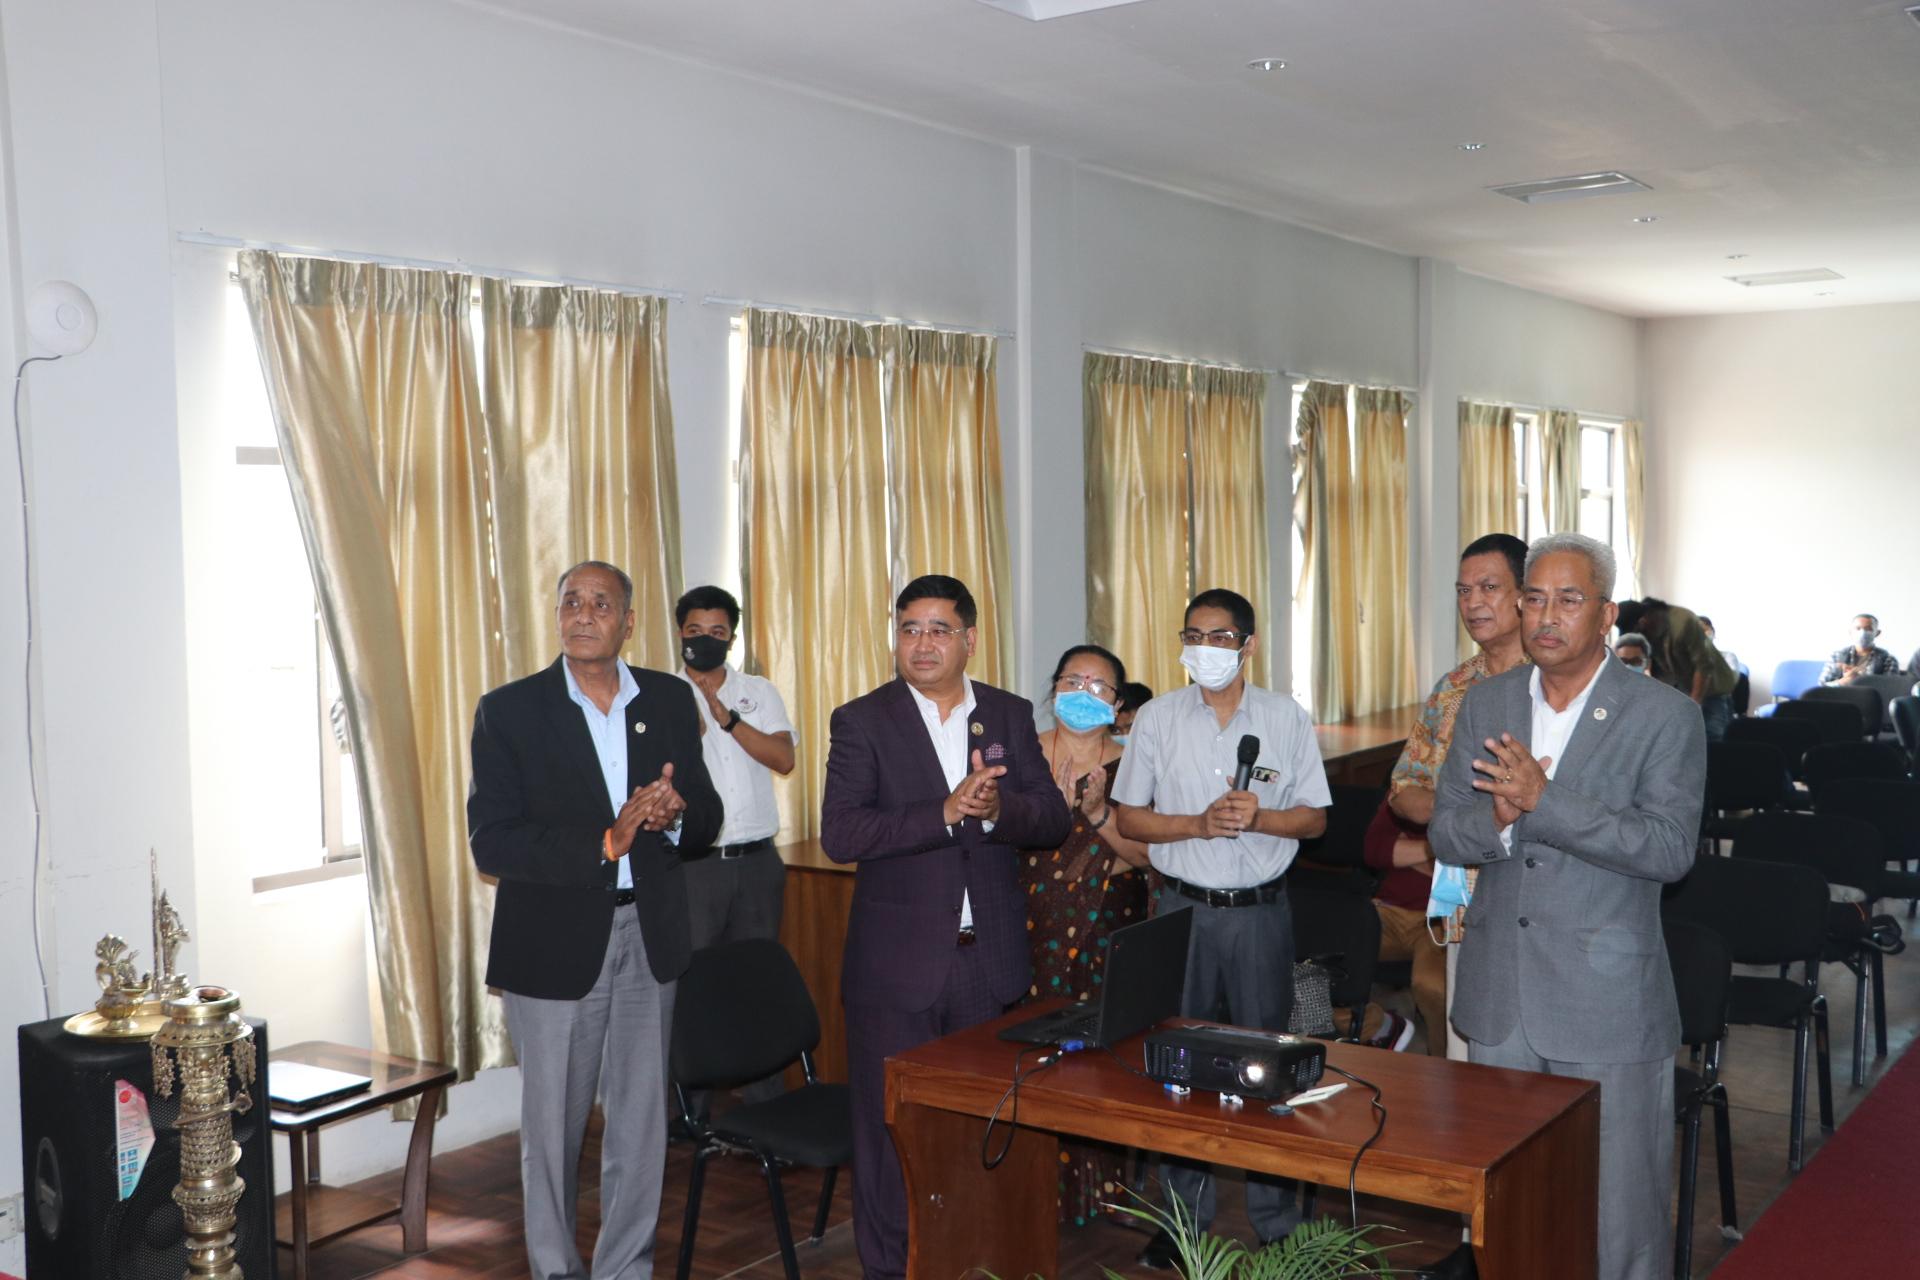 १५ हजार डलरमा नेपाल ओलम्पिक संग्राहलयकाे बेवसाइट सुरू